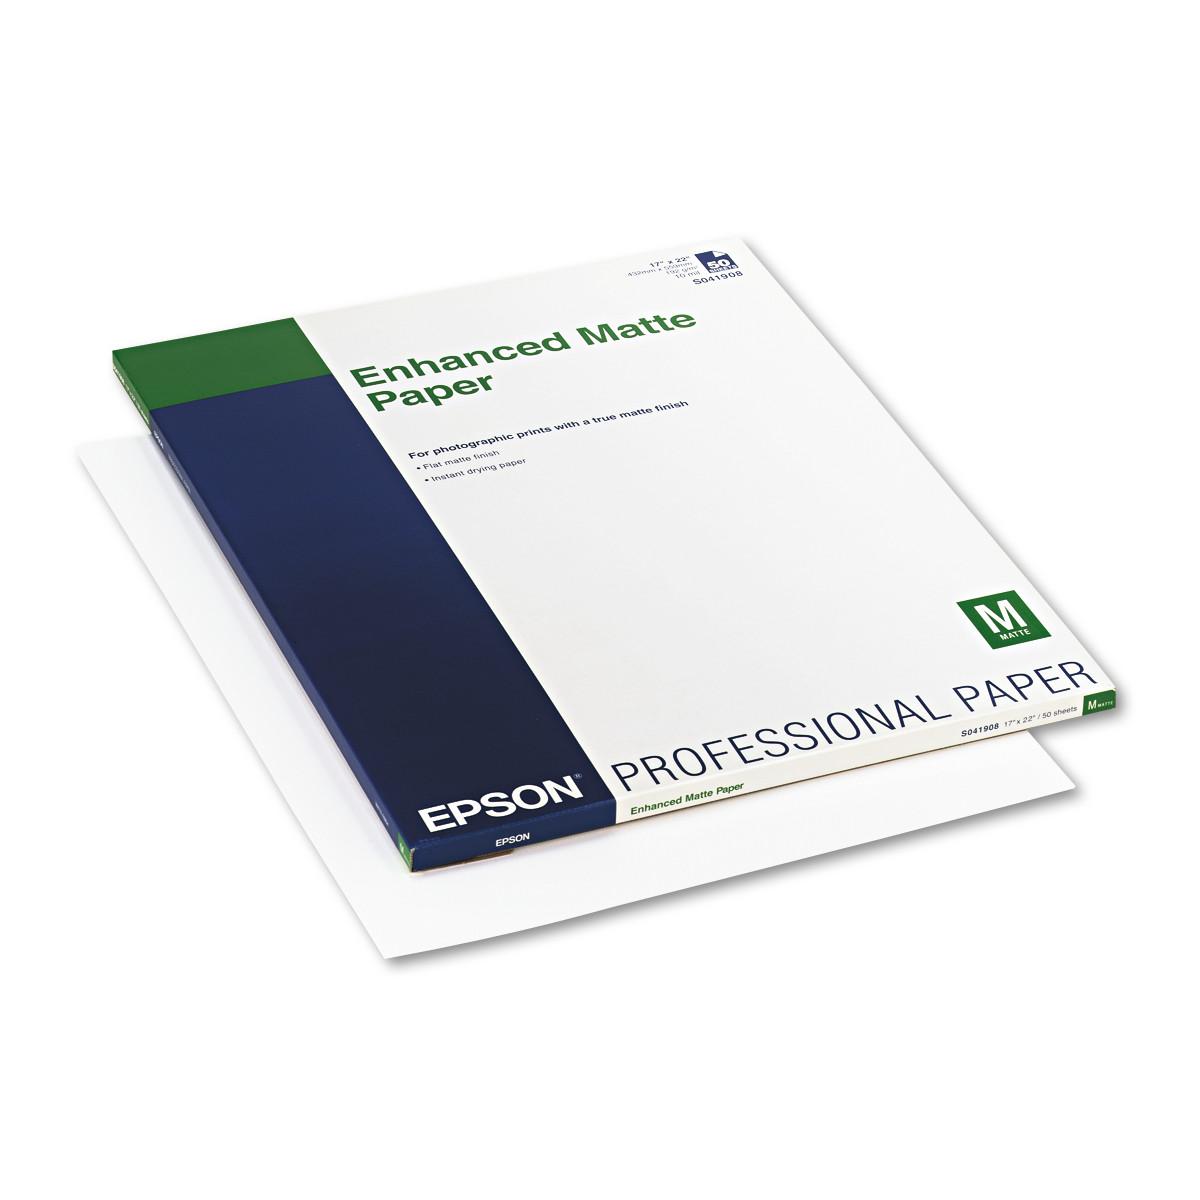 Epson Ultra Premium Matte Presentation Paper, 17 x 22, White, 50/Pack -EPSS041908